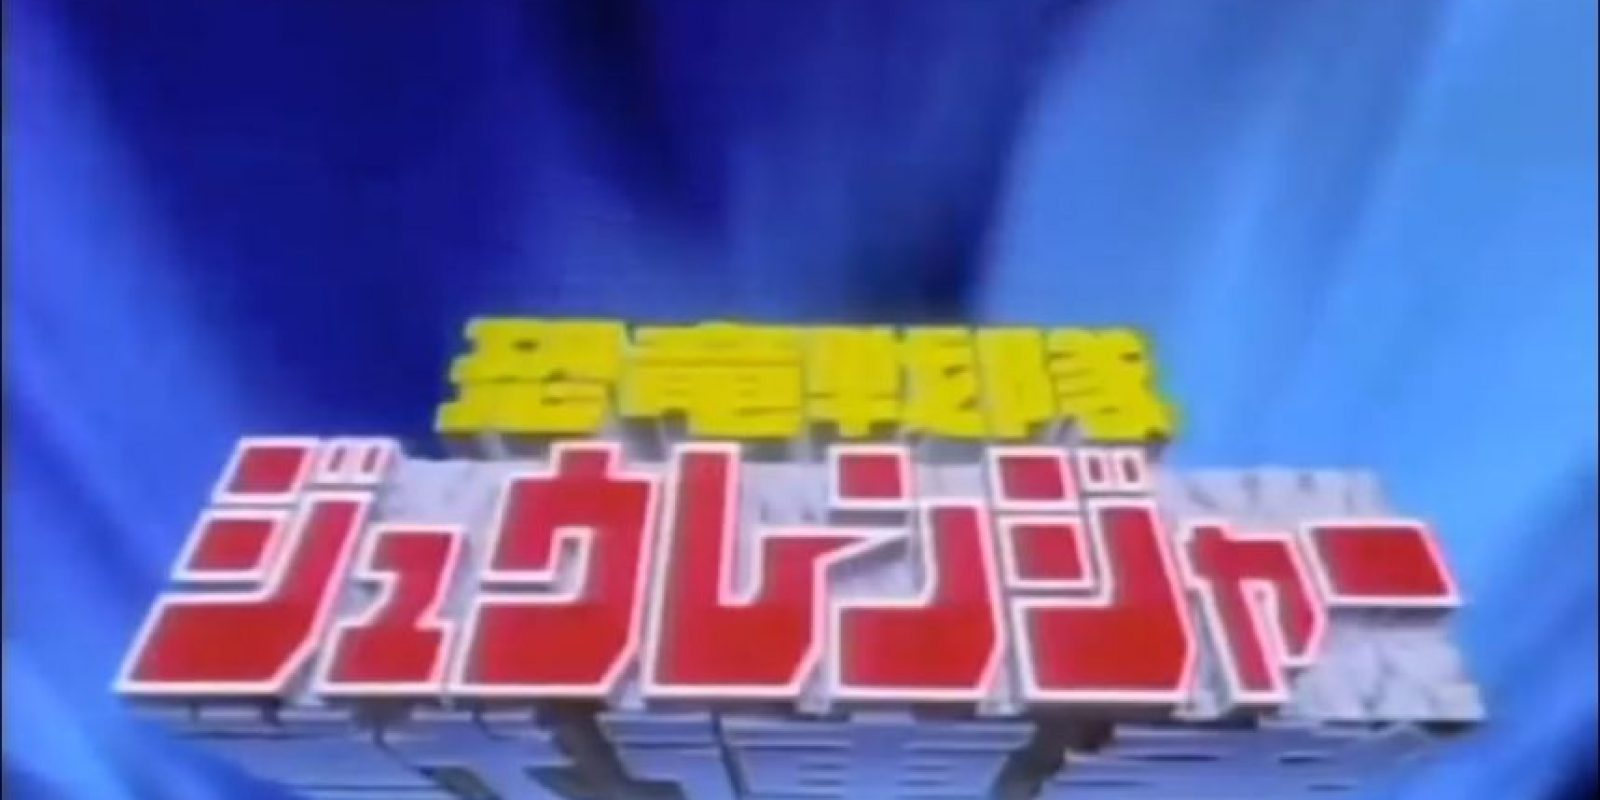 Se desarrolló en los años 70 Foto:Tv Asahi